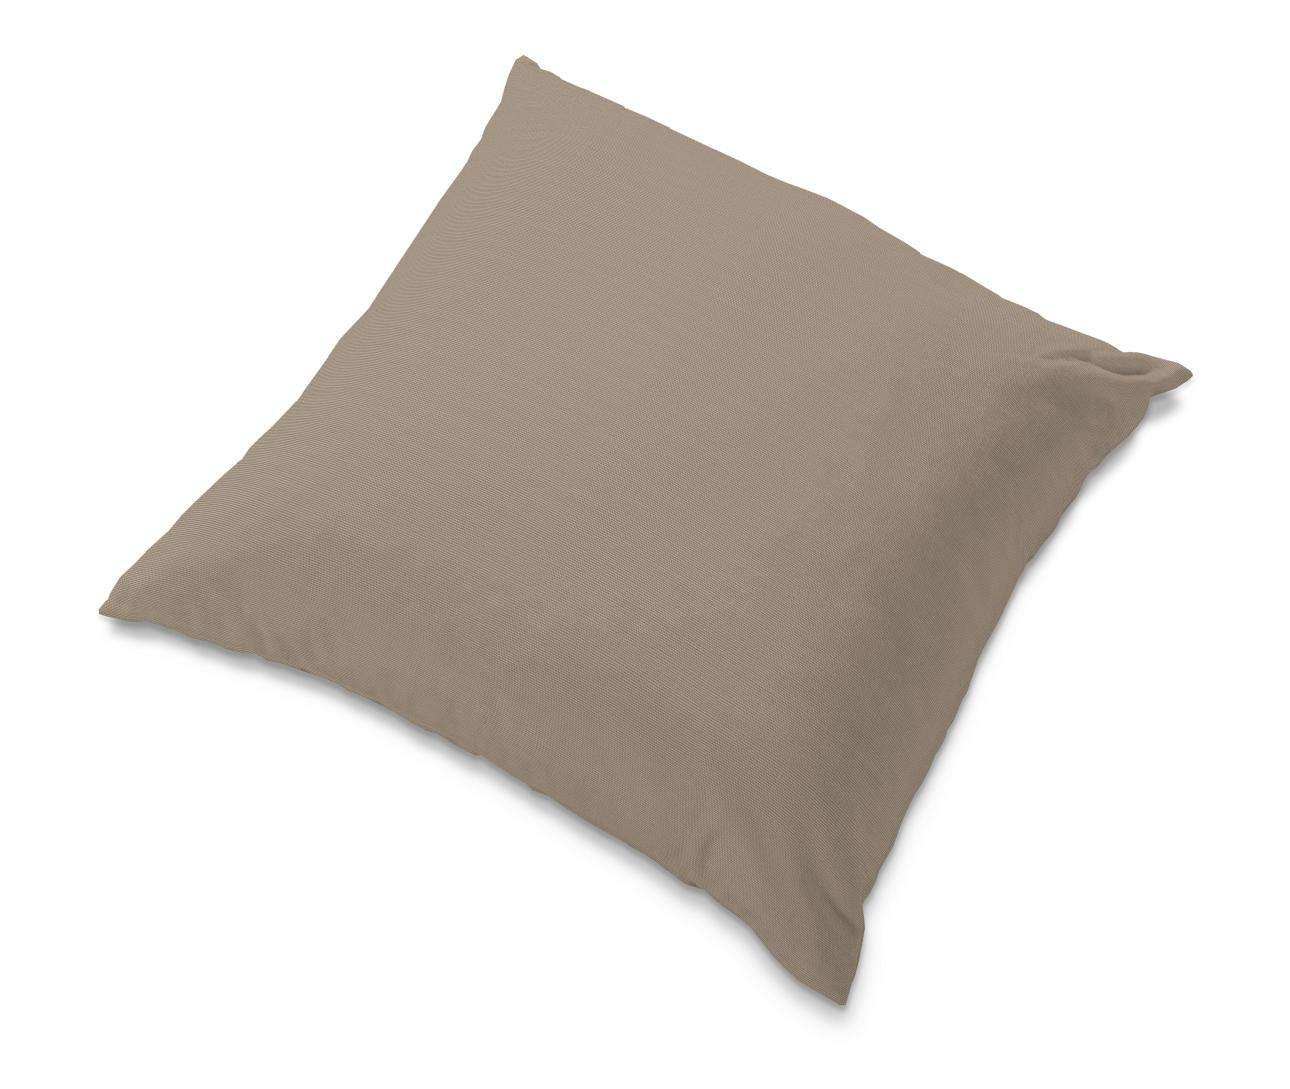 TOMELILLA pagalvėlės užvalkalas 55 x 55 cm kolekcijoje Cotton Panama, audinys: 702-28